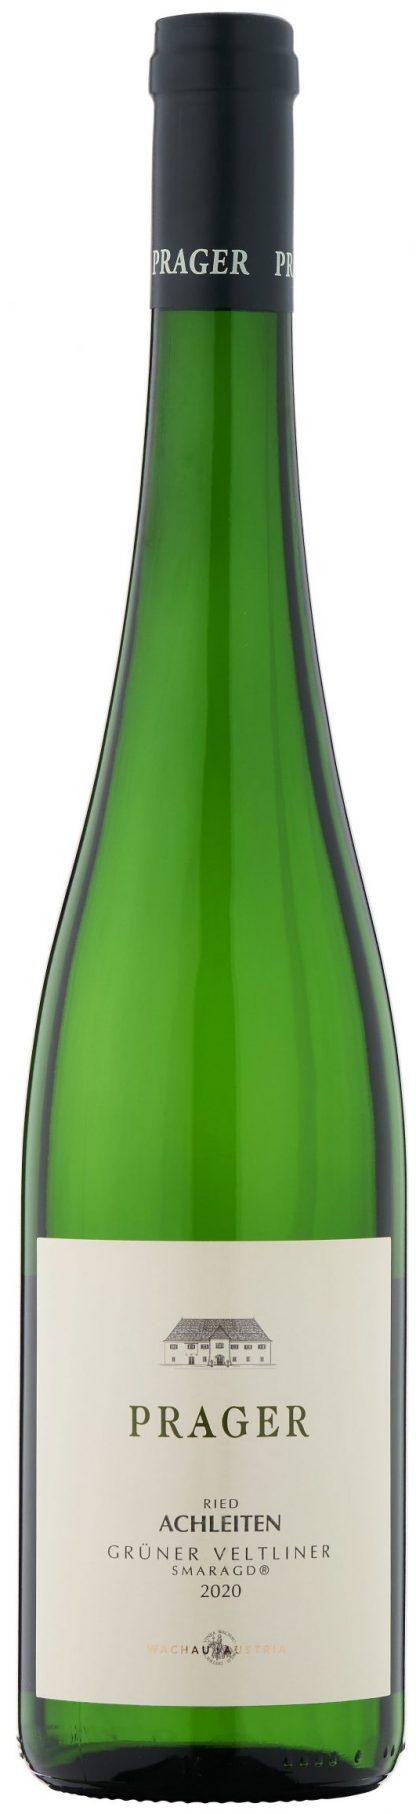 Prager - Grüner Veltliner Smaragd Ried Achleiten 2020